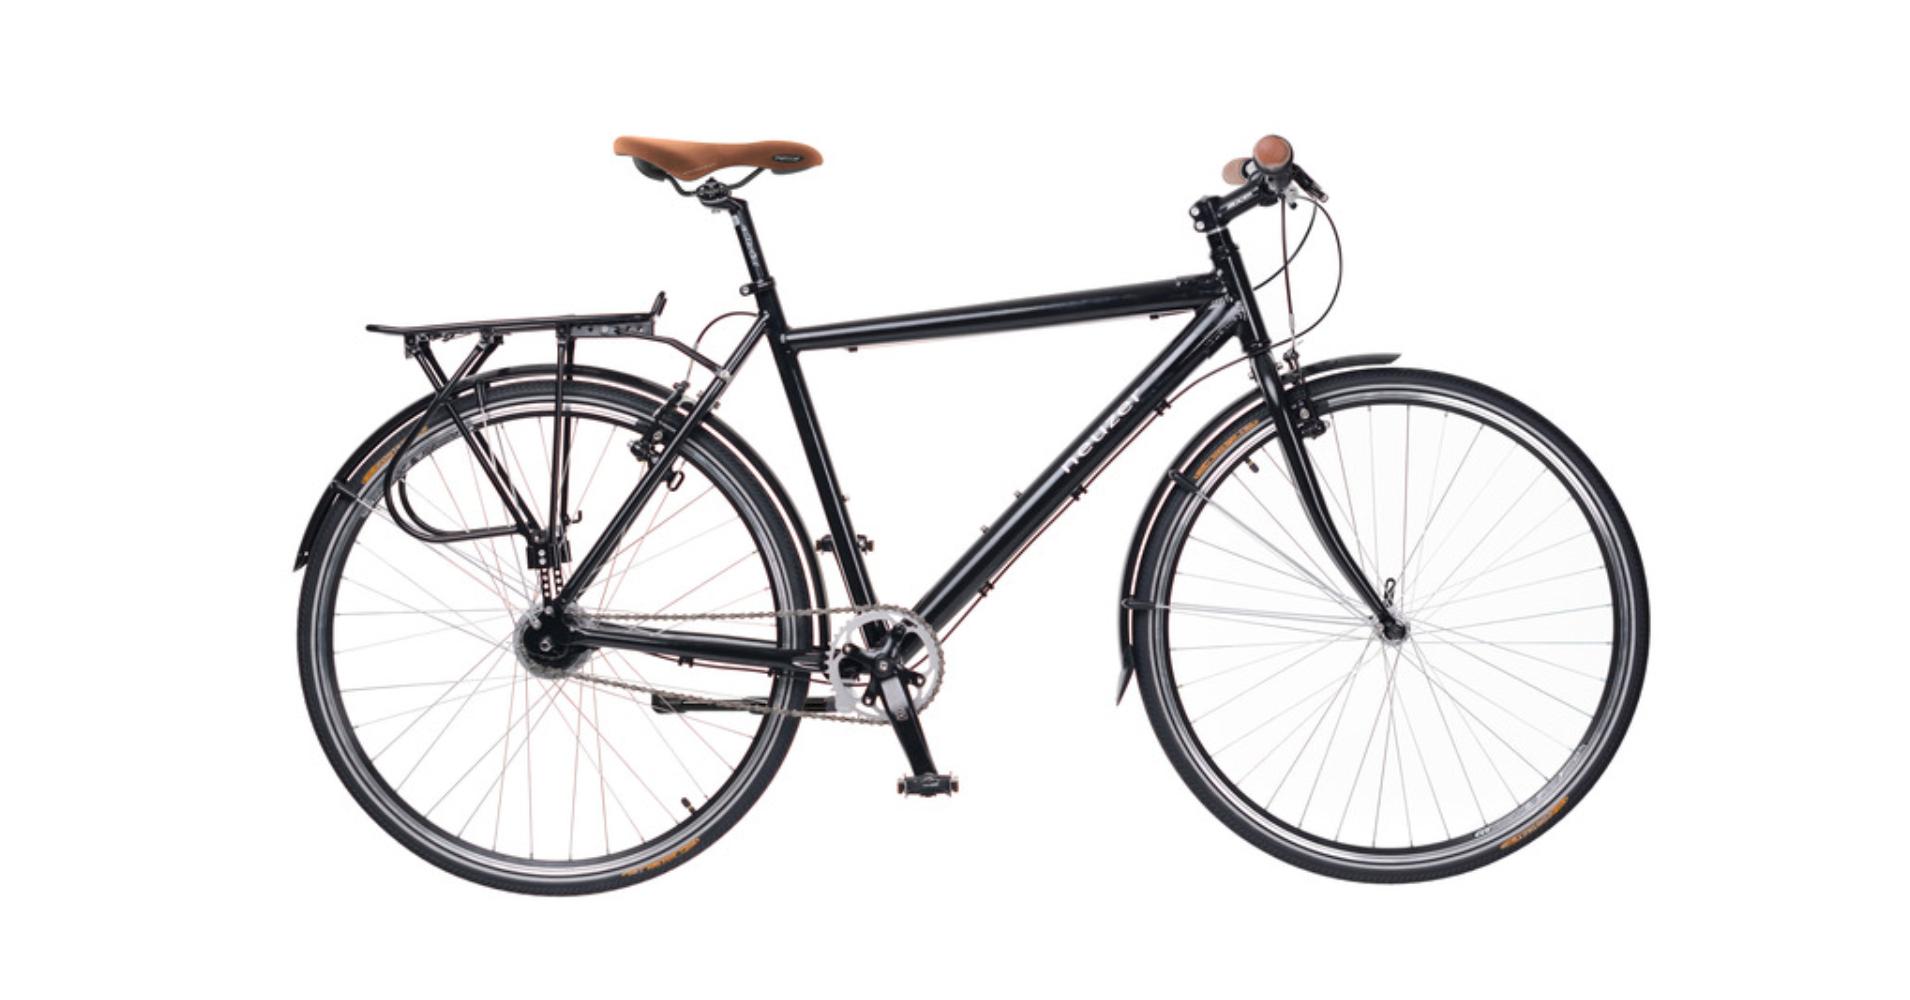 NEUZER X-STREET Trekking Kerékpár Városi/ Trekking Kerékpár